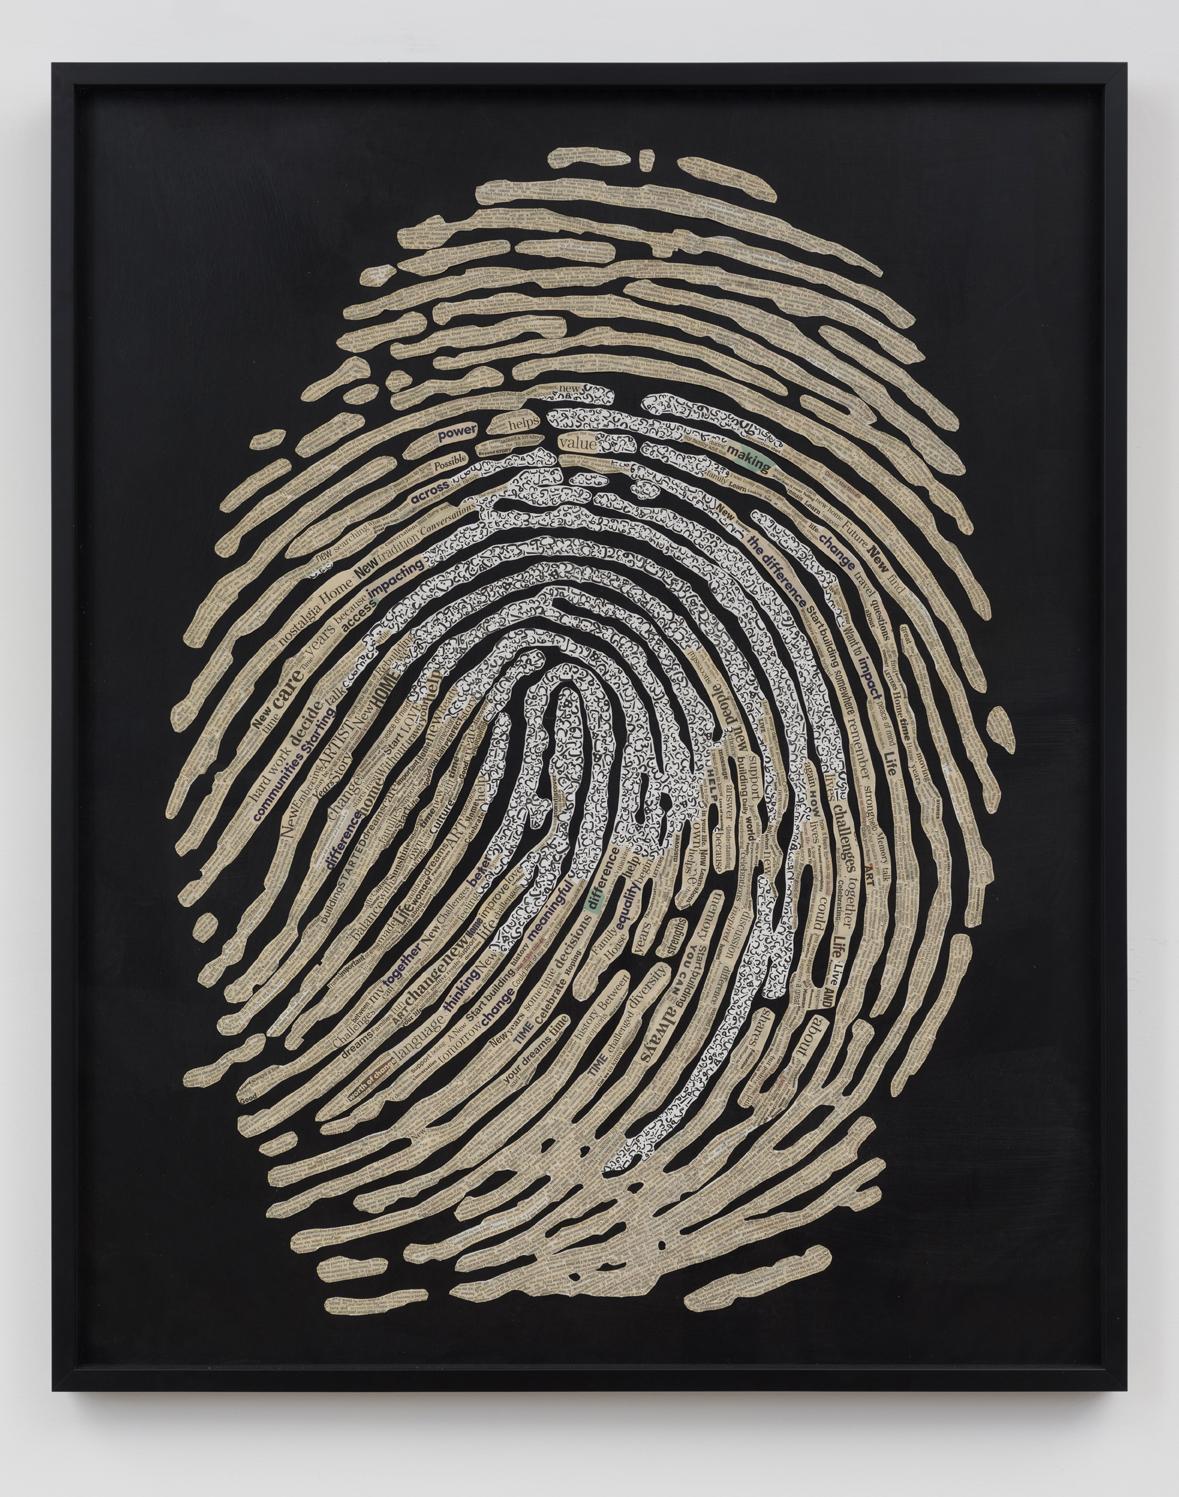 Fingerprint, 2017